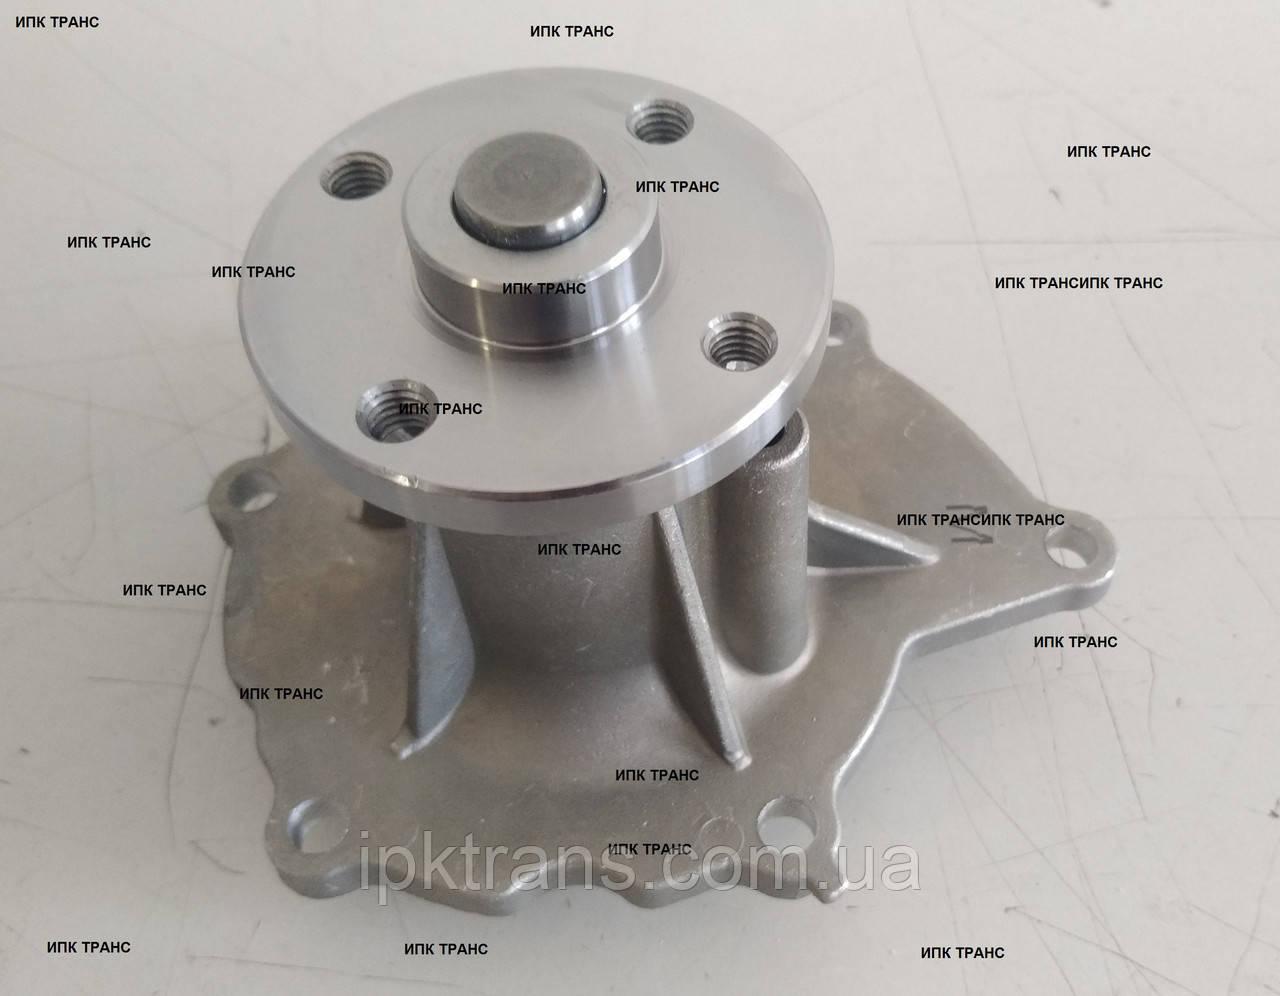 Насос водяной на двигатель TOYOTA 1DZ-2  16110-78703-71 / 161107870371